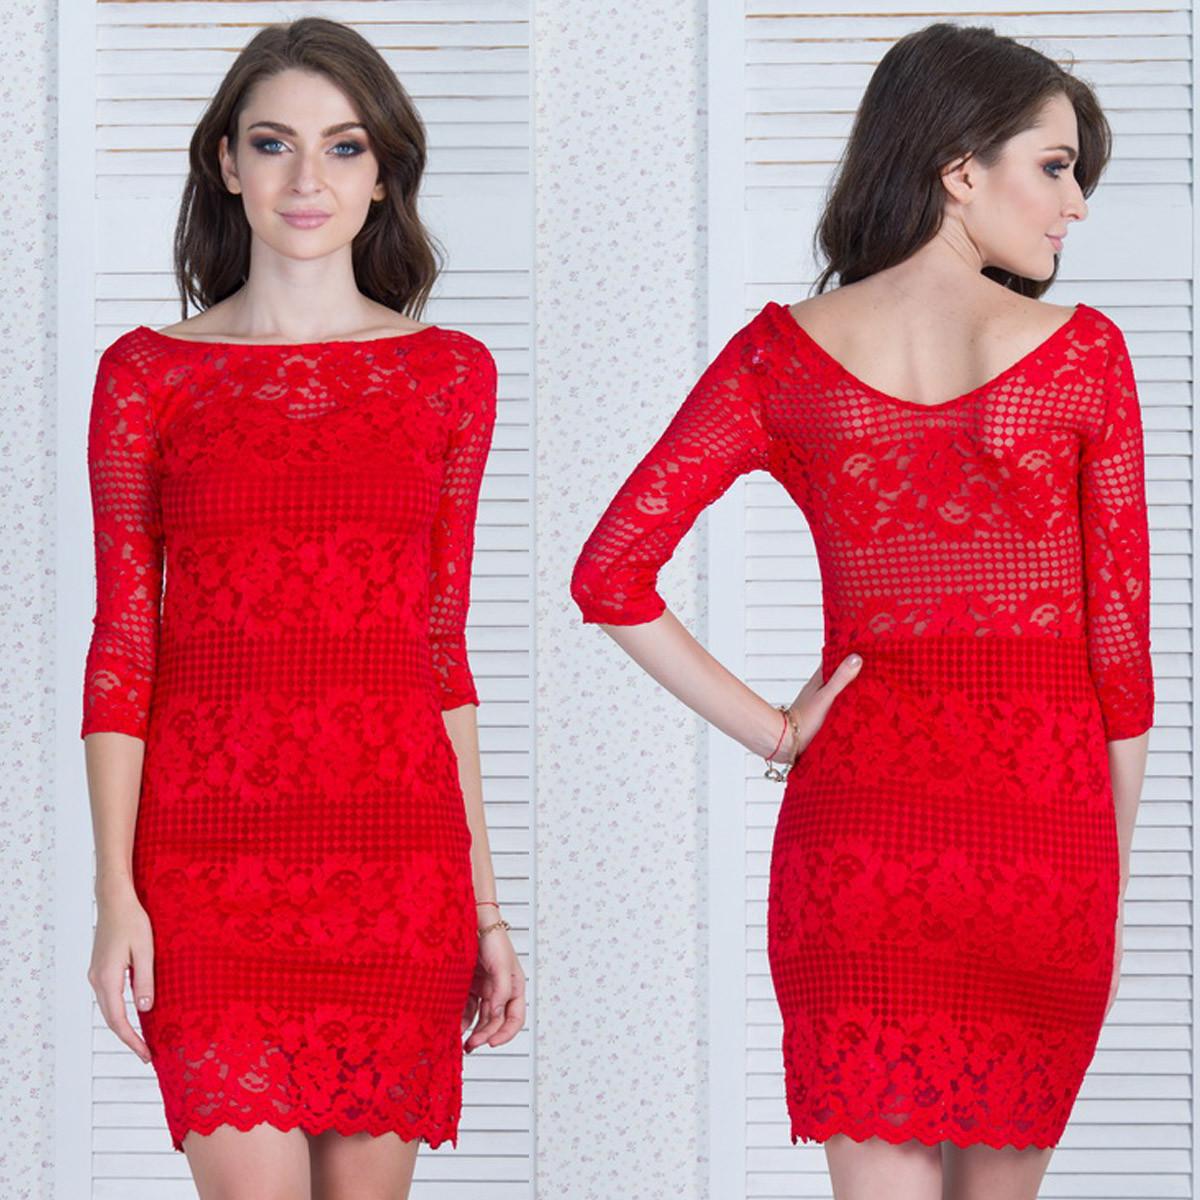 """Красное гипюровое платье в обтяжку """"Марлен"""""""